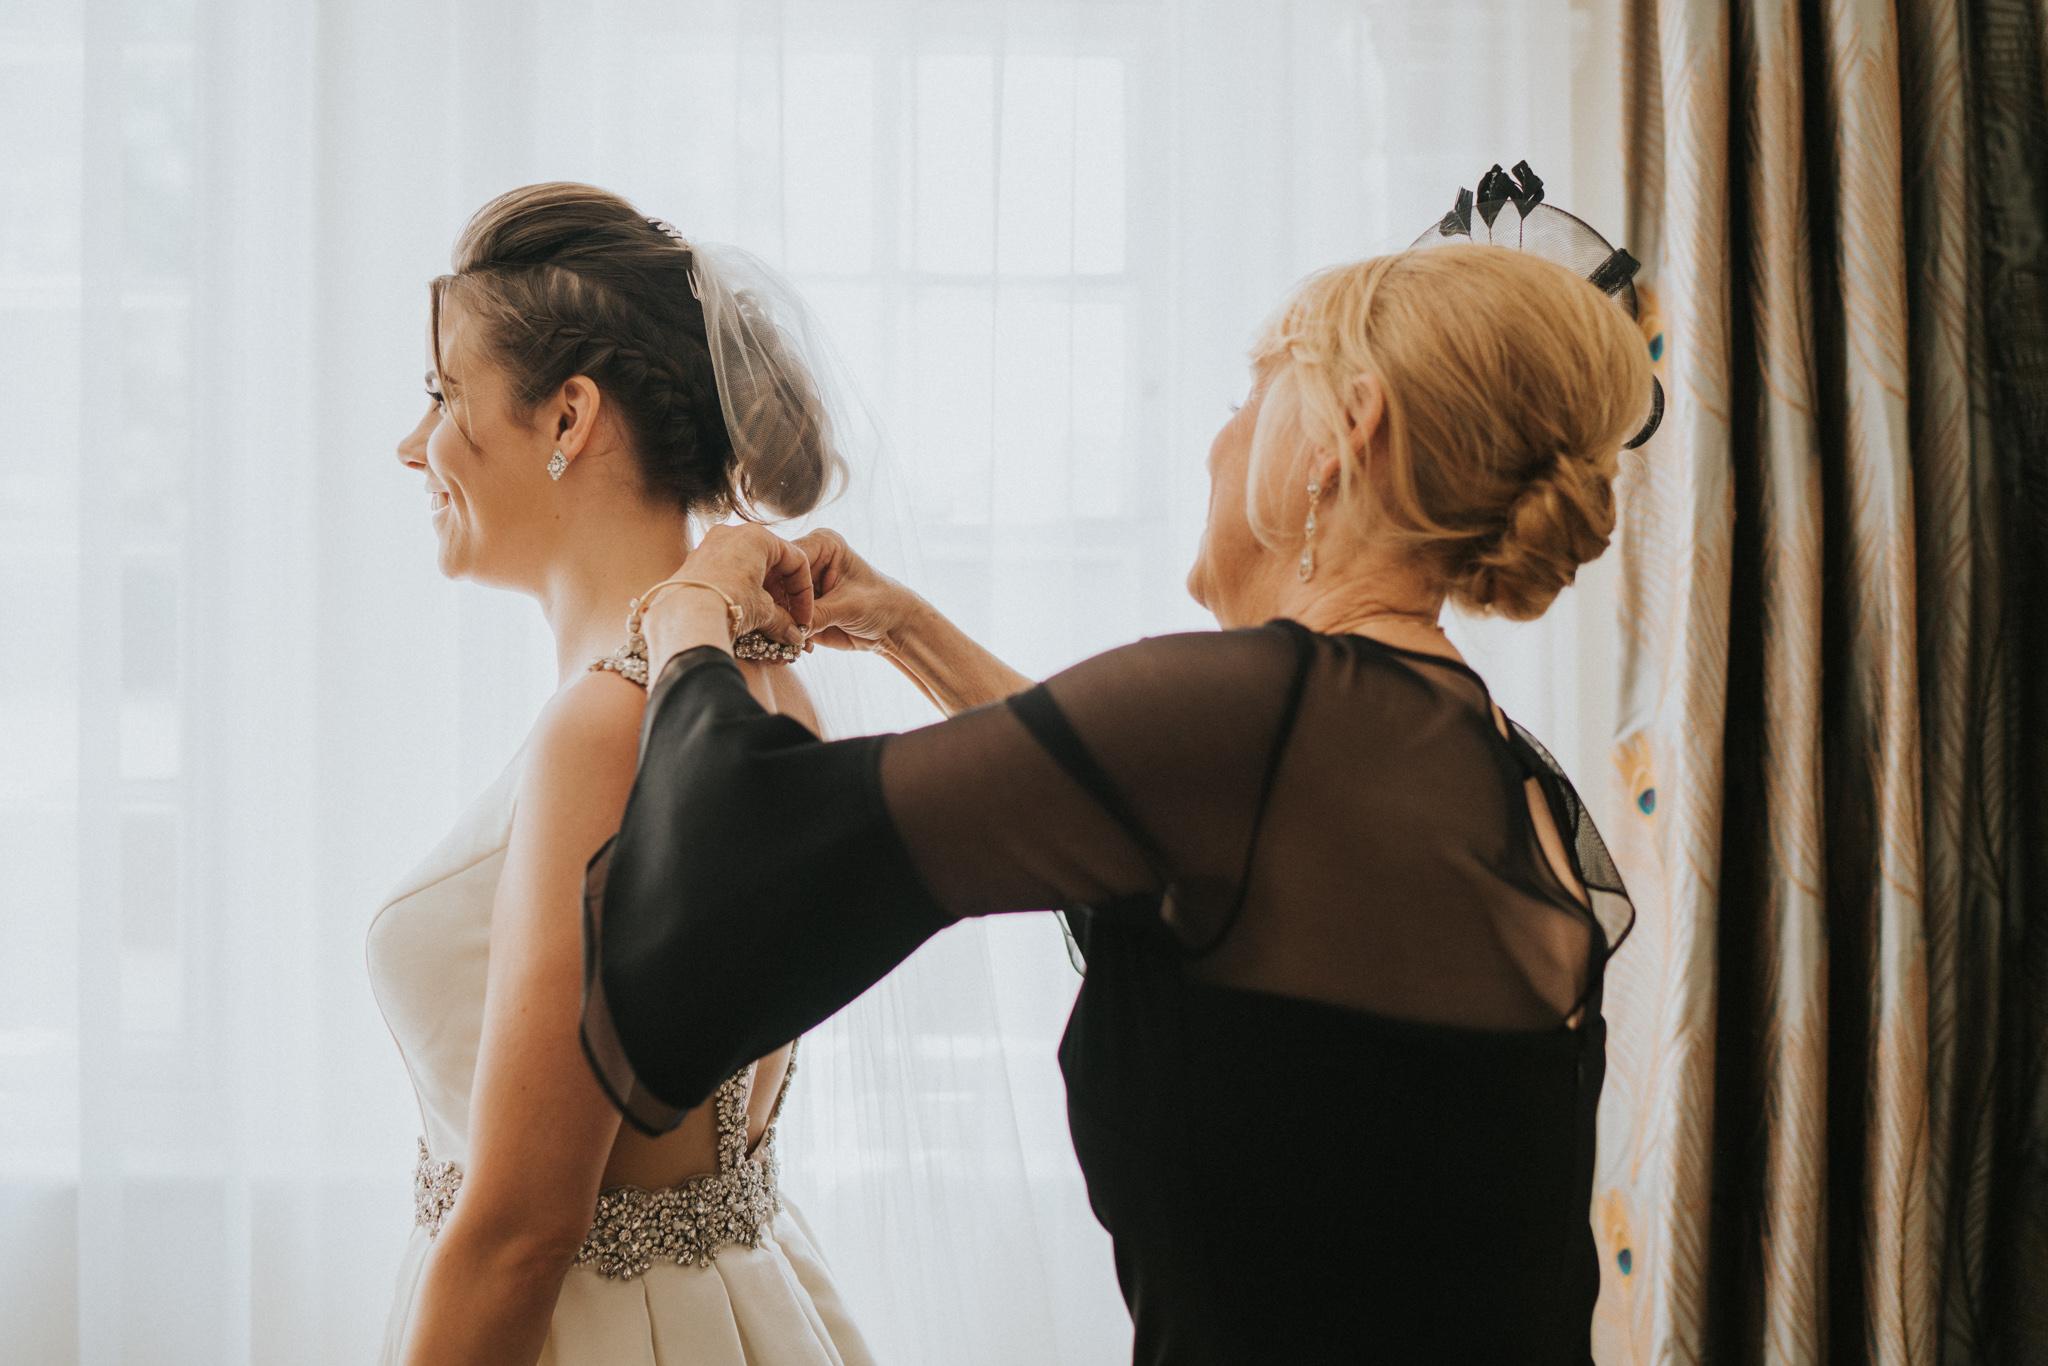 tess-adam-colchester-intimate-elopement-grace-elizabeth-colchester-essex-alternative-wedding-lifestyle-photographer-essex-suffolk-norfolk-devon (7 of 20).jpg